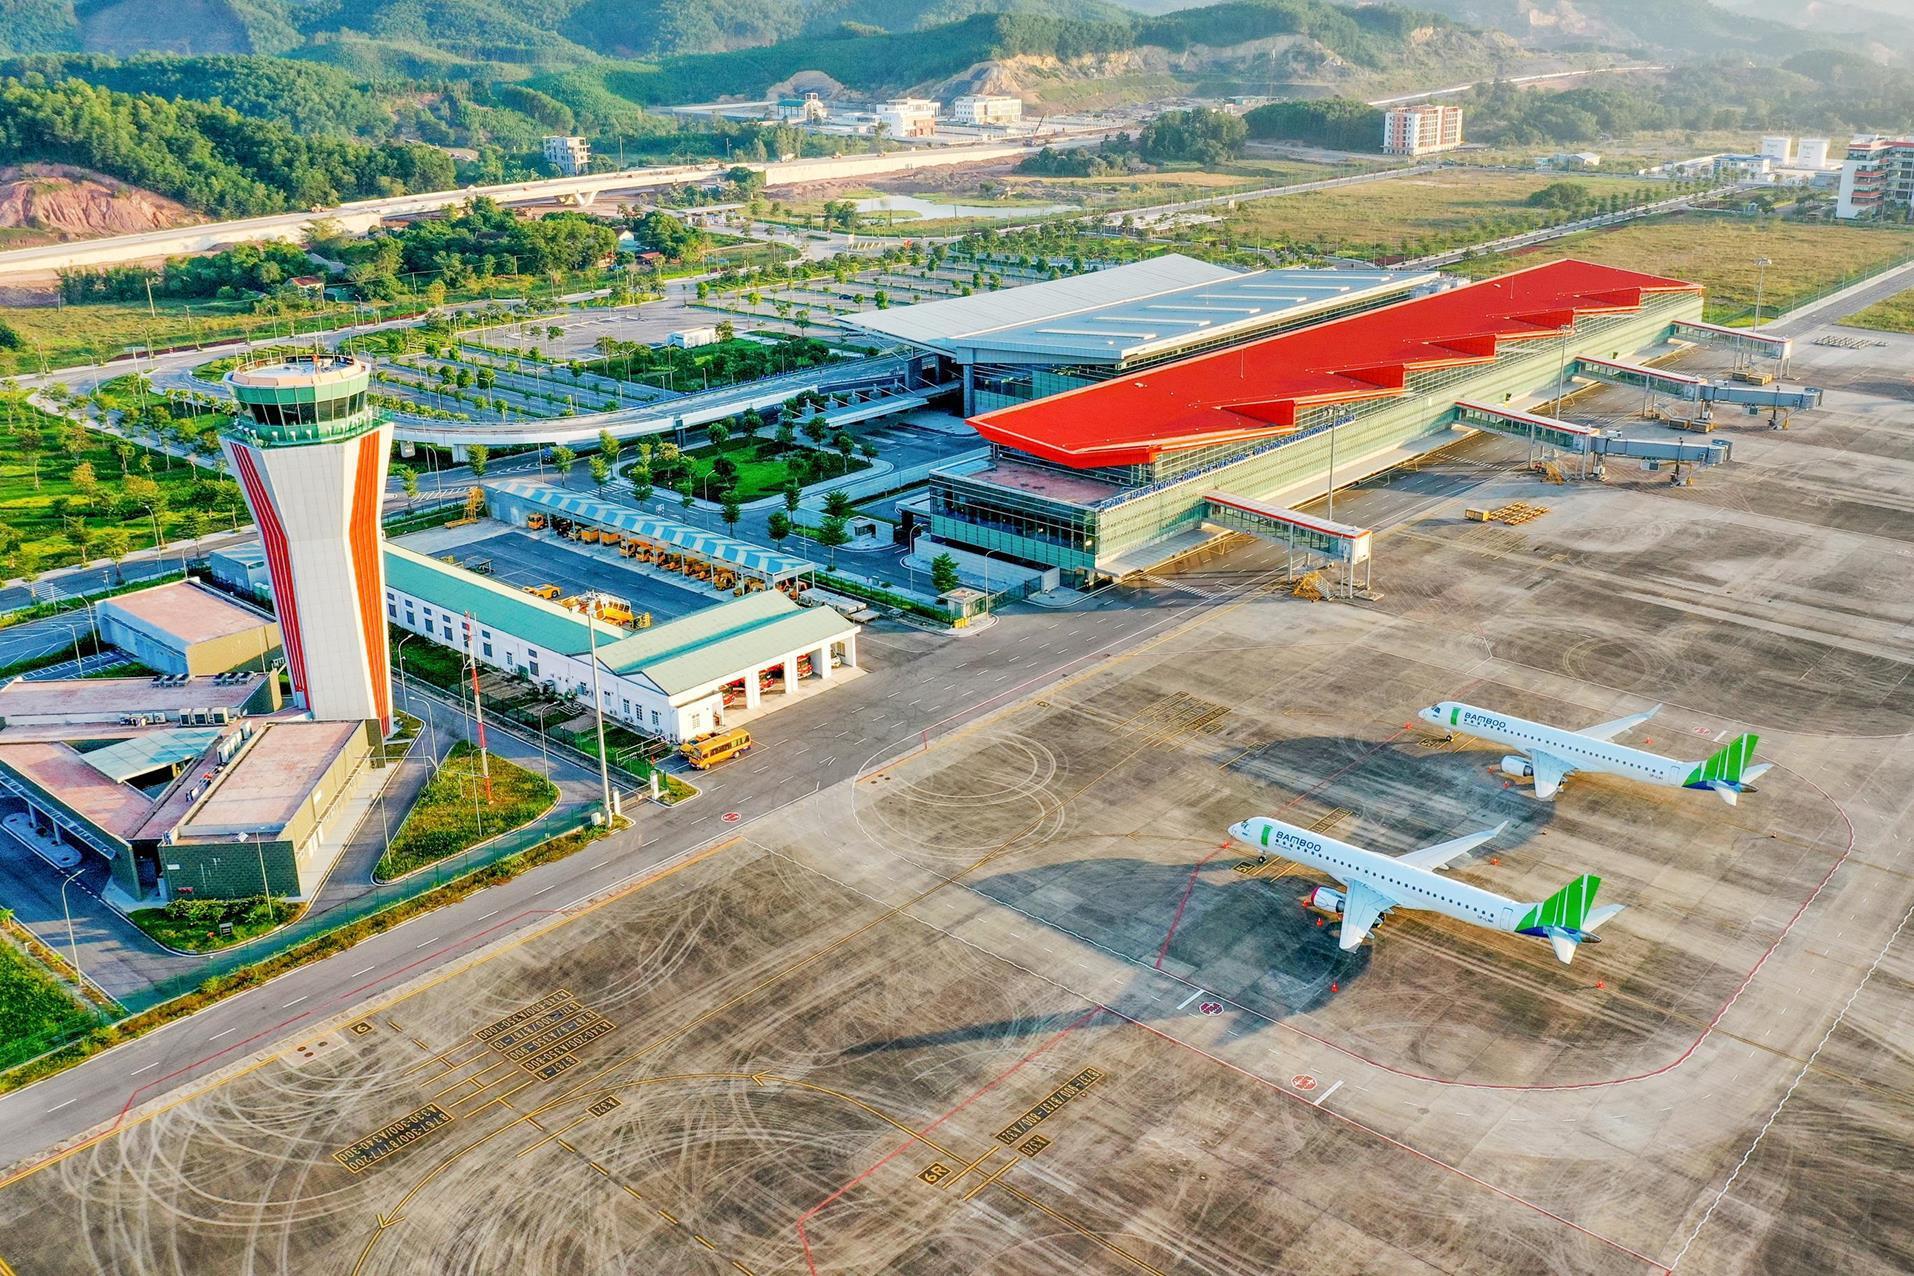 Điều ít biết về kiến trúc độc đáo của Sân bay khu vực hàng đầu thế giới 2020 (Kính nhờ chị hỗ trợ cho đăng giúp em vị trí Bài ảnh và Title xuất hiện trang chủ với ạ!) - Ảnh 1.